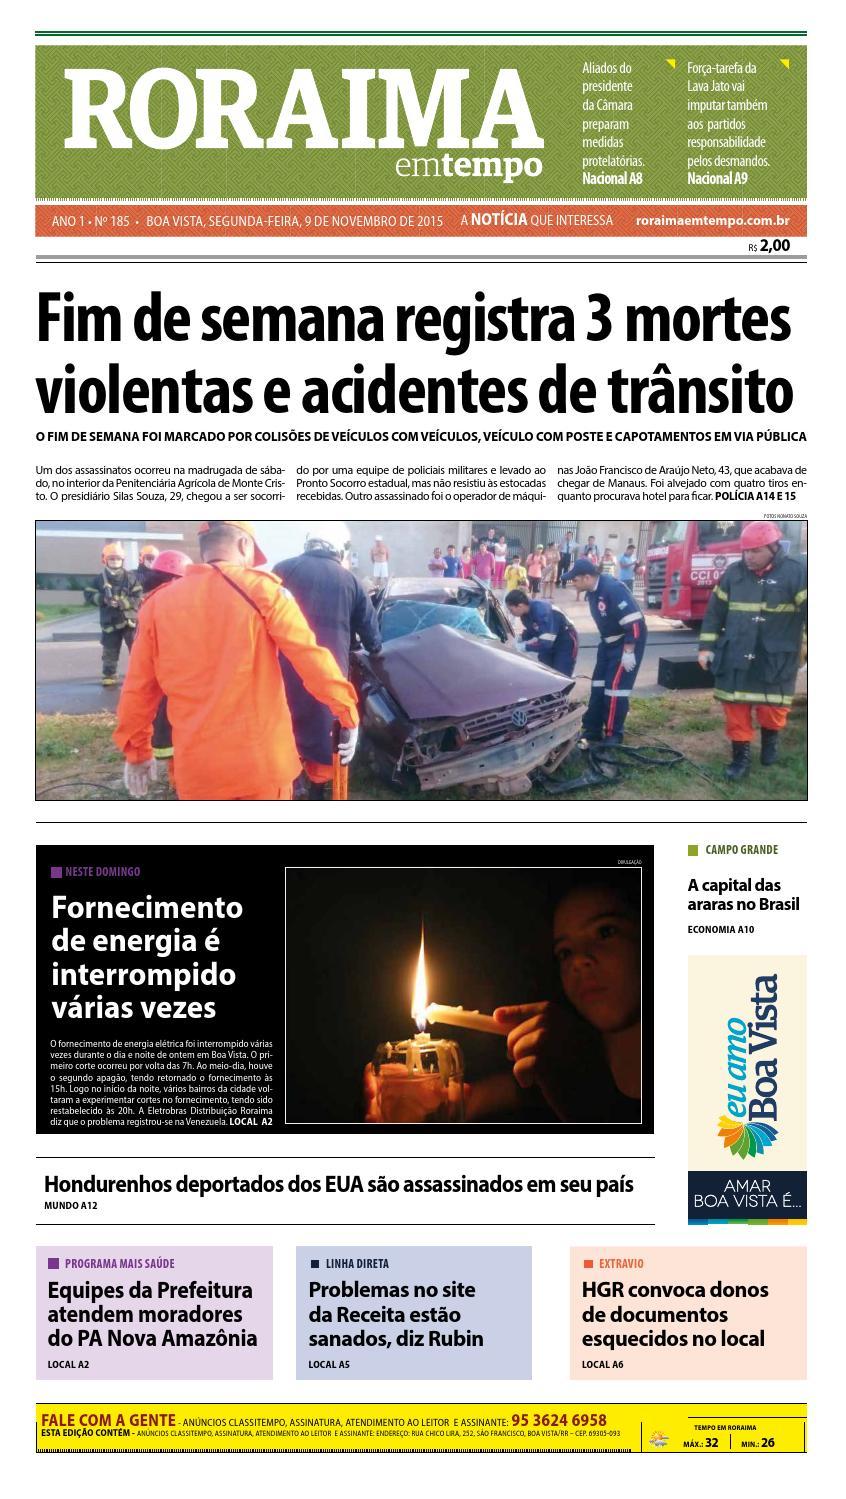 845e2d0ef7 Jornal roraima em tempo – edição 185 – período de visualização gratuito by  RoraimaEmTempo - issuu